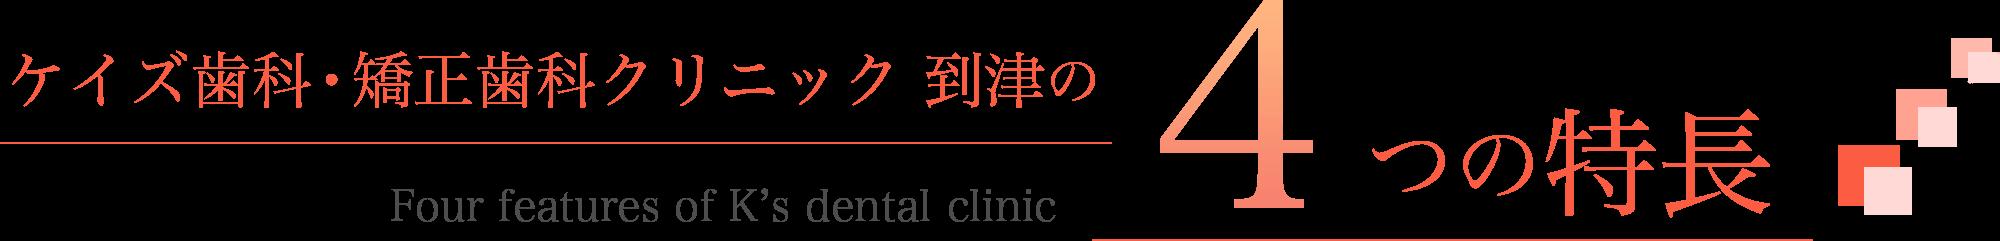 ケイズ歯科クリニックの4つの特徴